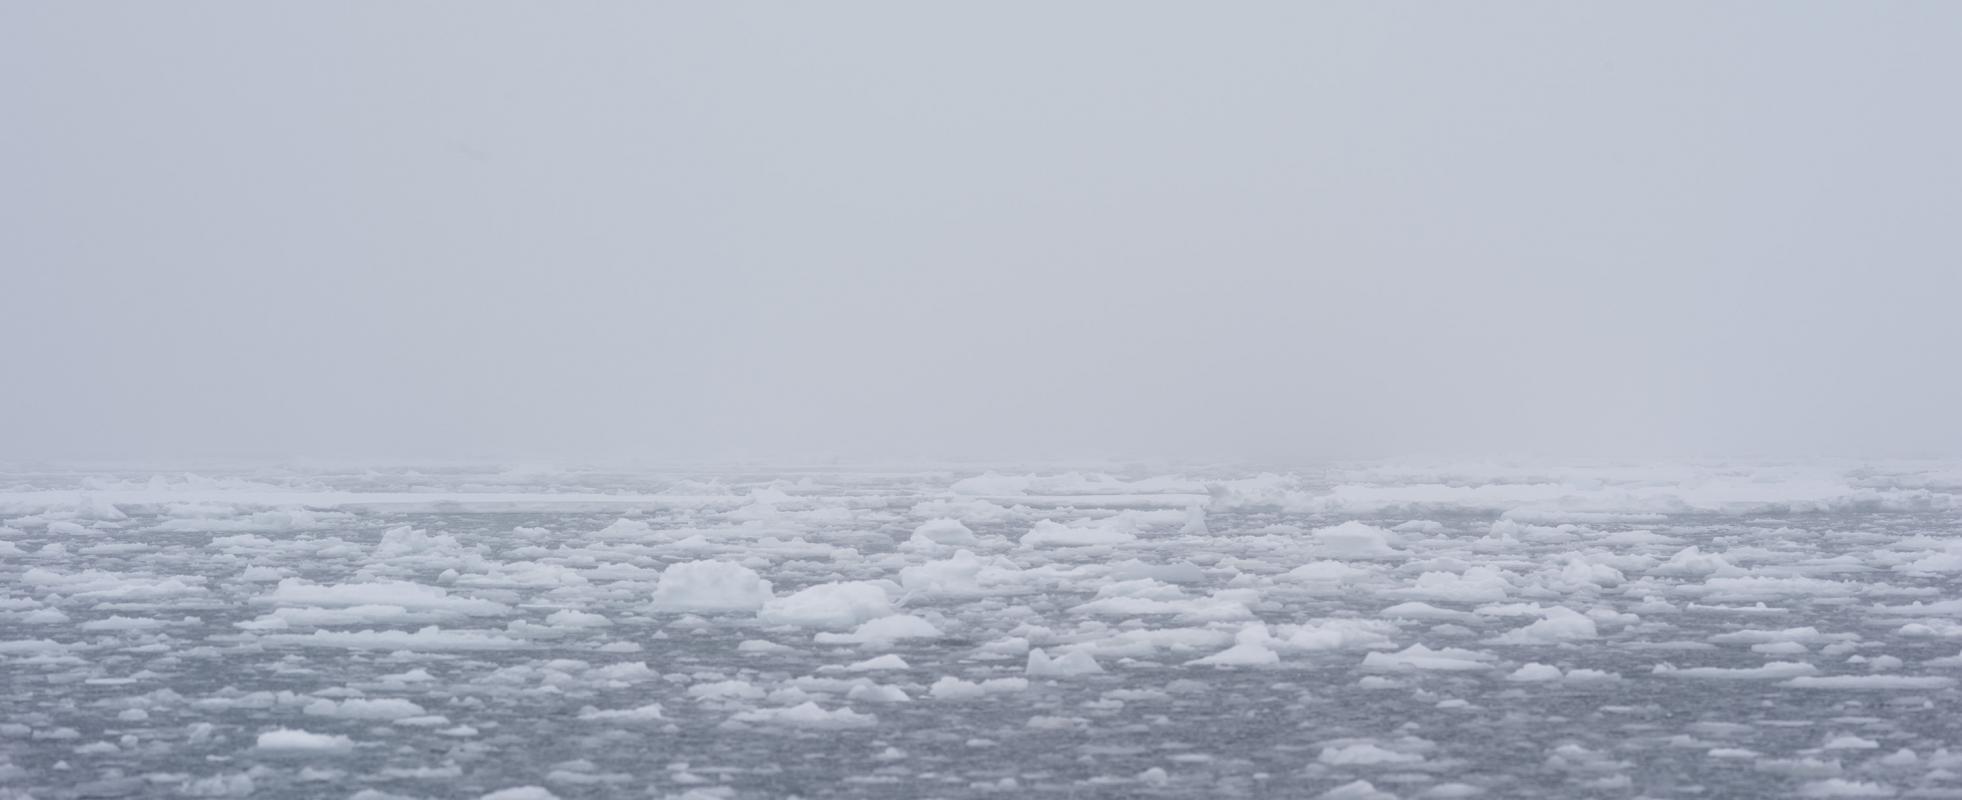 Дыхание льда, © Джули Стивенсон, Австралия, 1-е место в категории «Подвижные изображения», любитель, Токийский международный фотоконкурс 2018 — TIFA